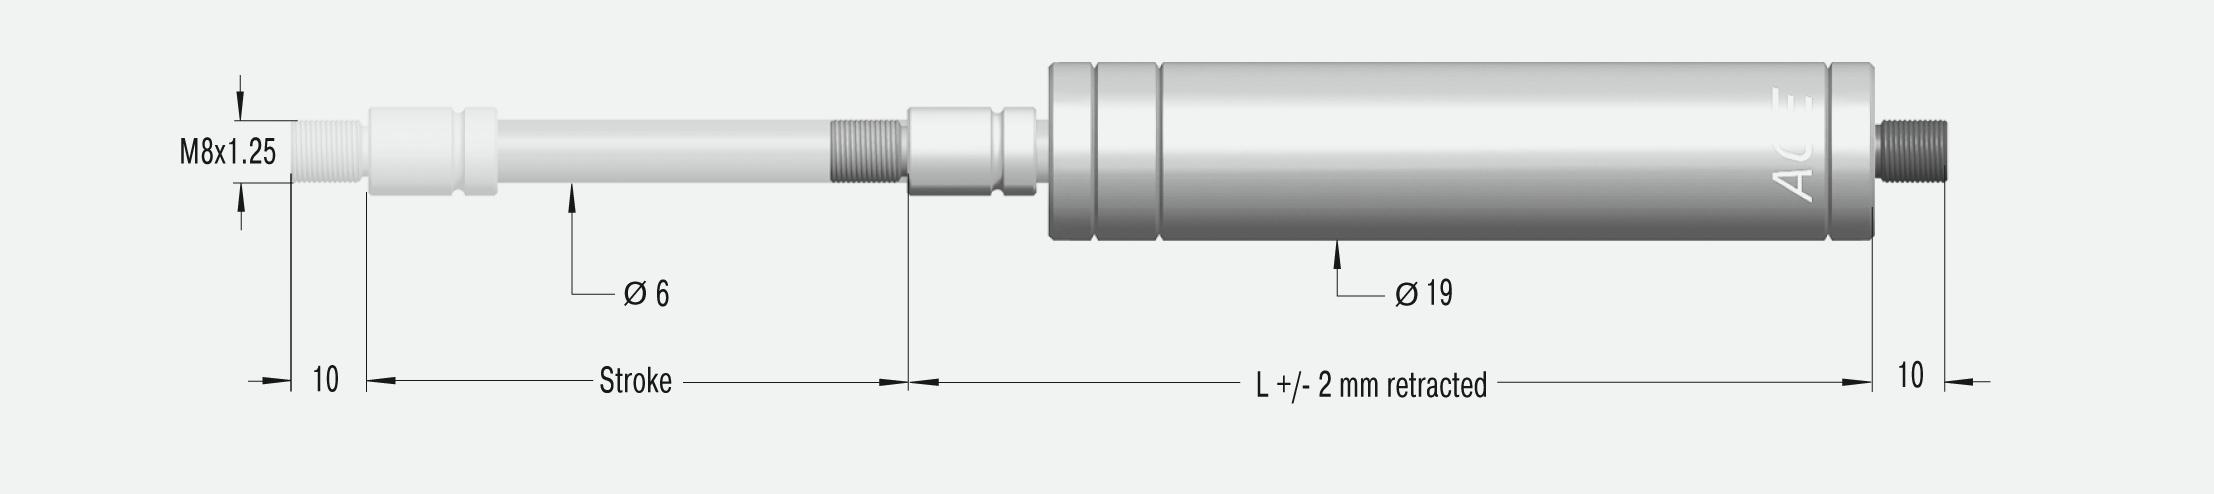 Industrie-Gaszugfeder, Ø 19mm, Hub 200mm in V4A Edelstahl